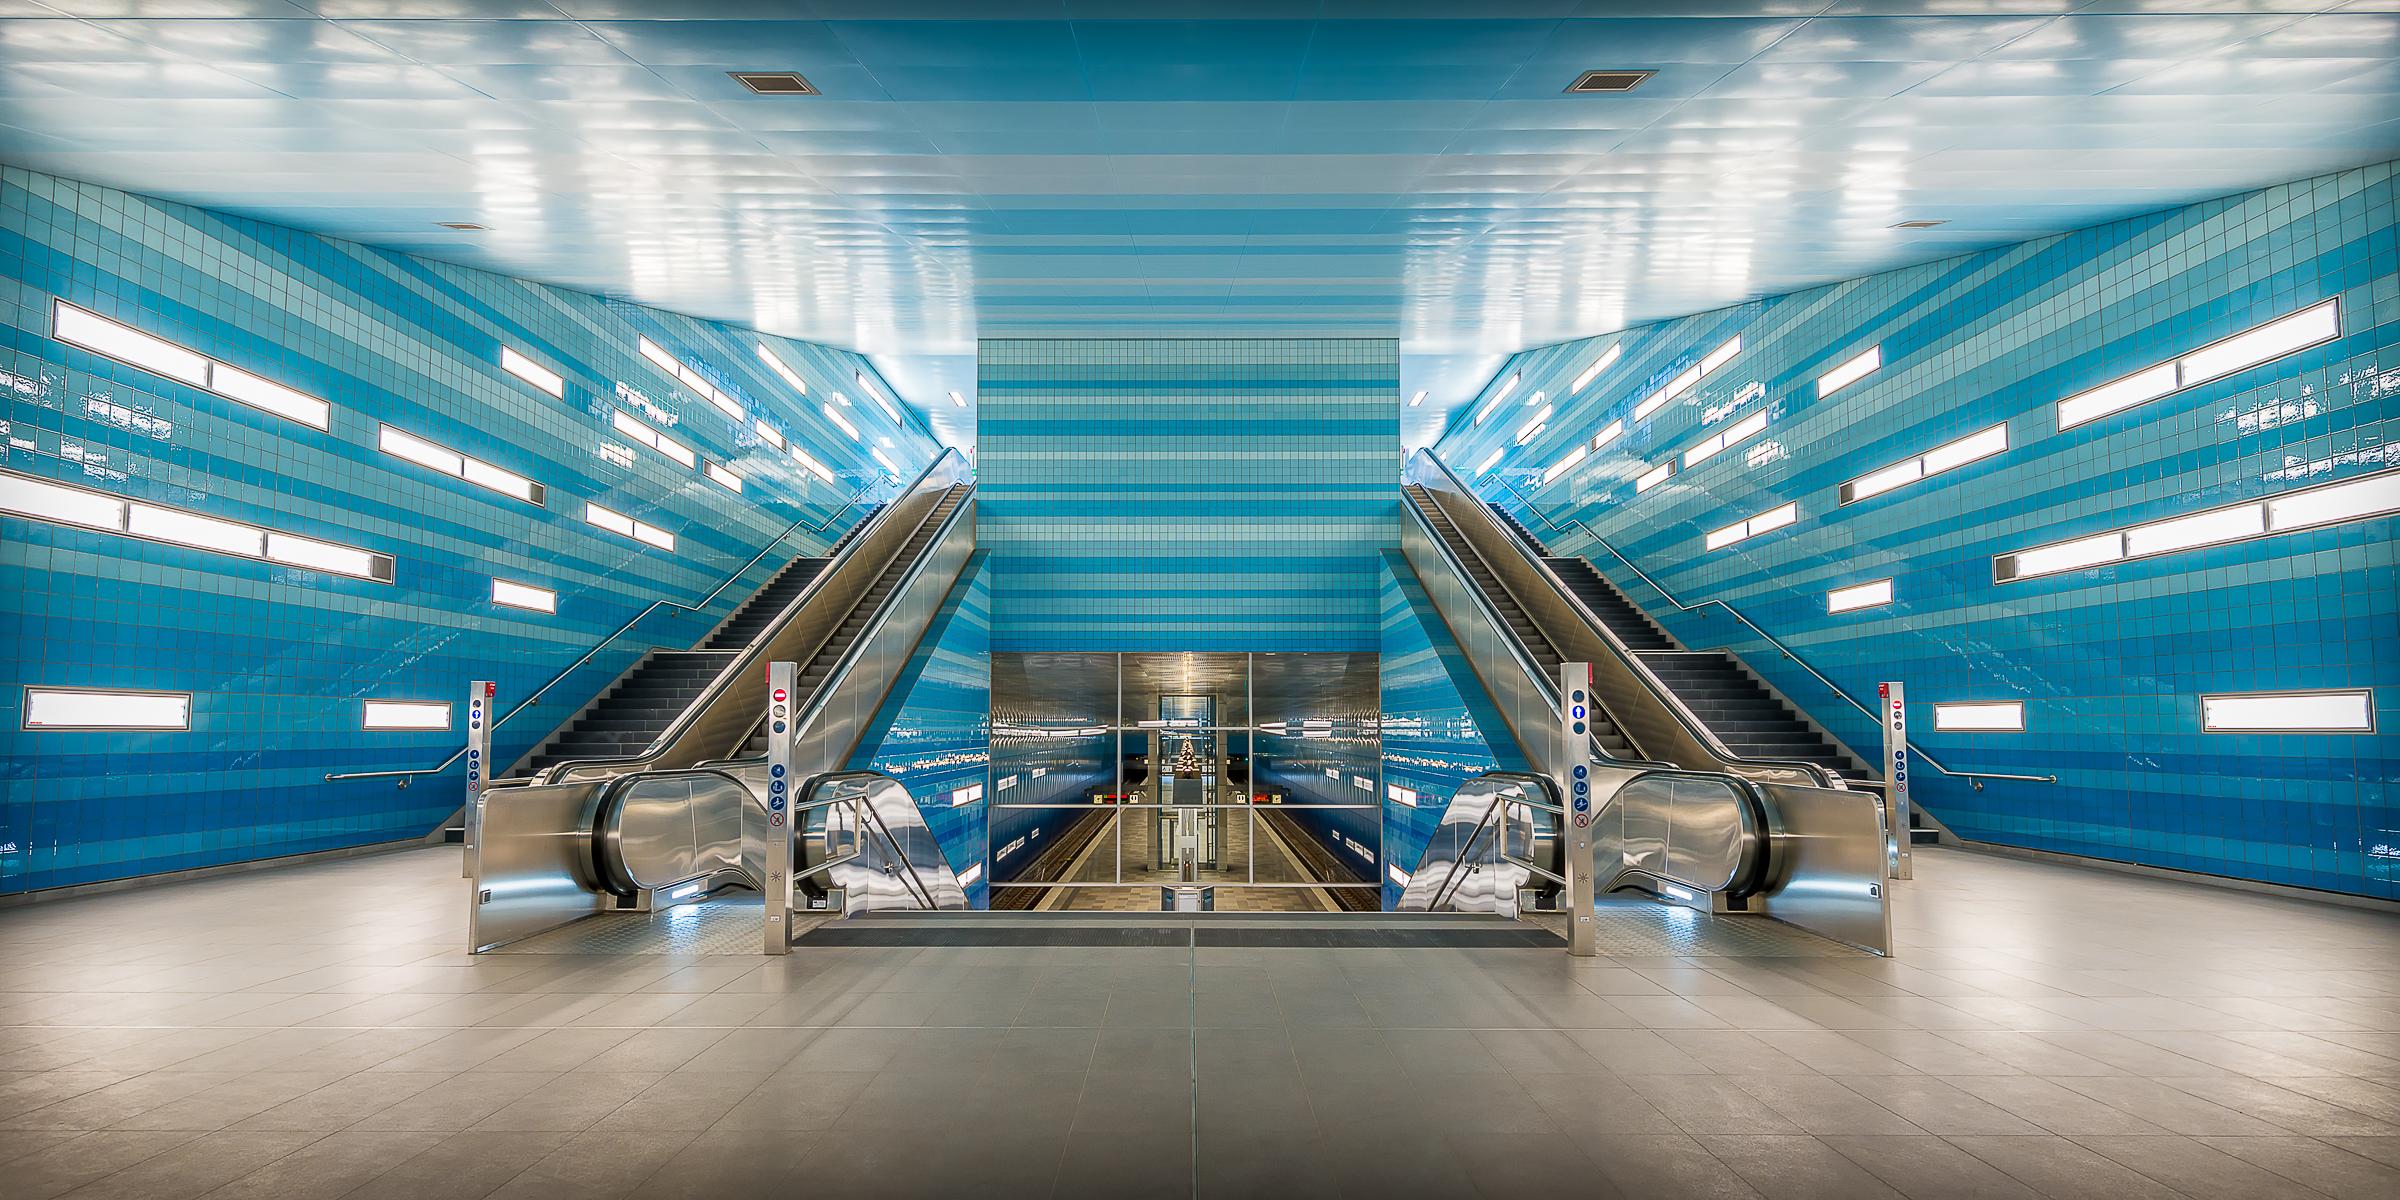 The Blue Underground